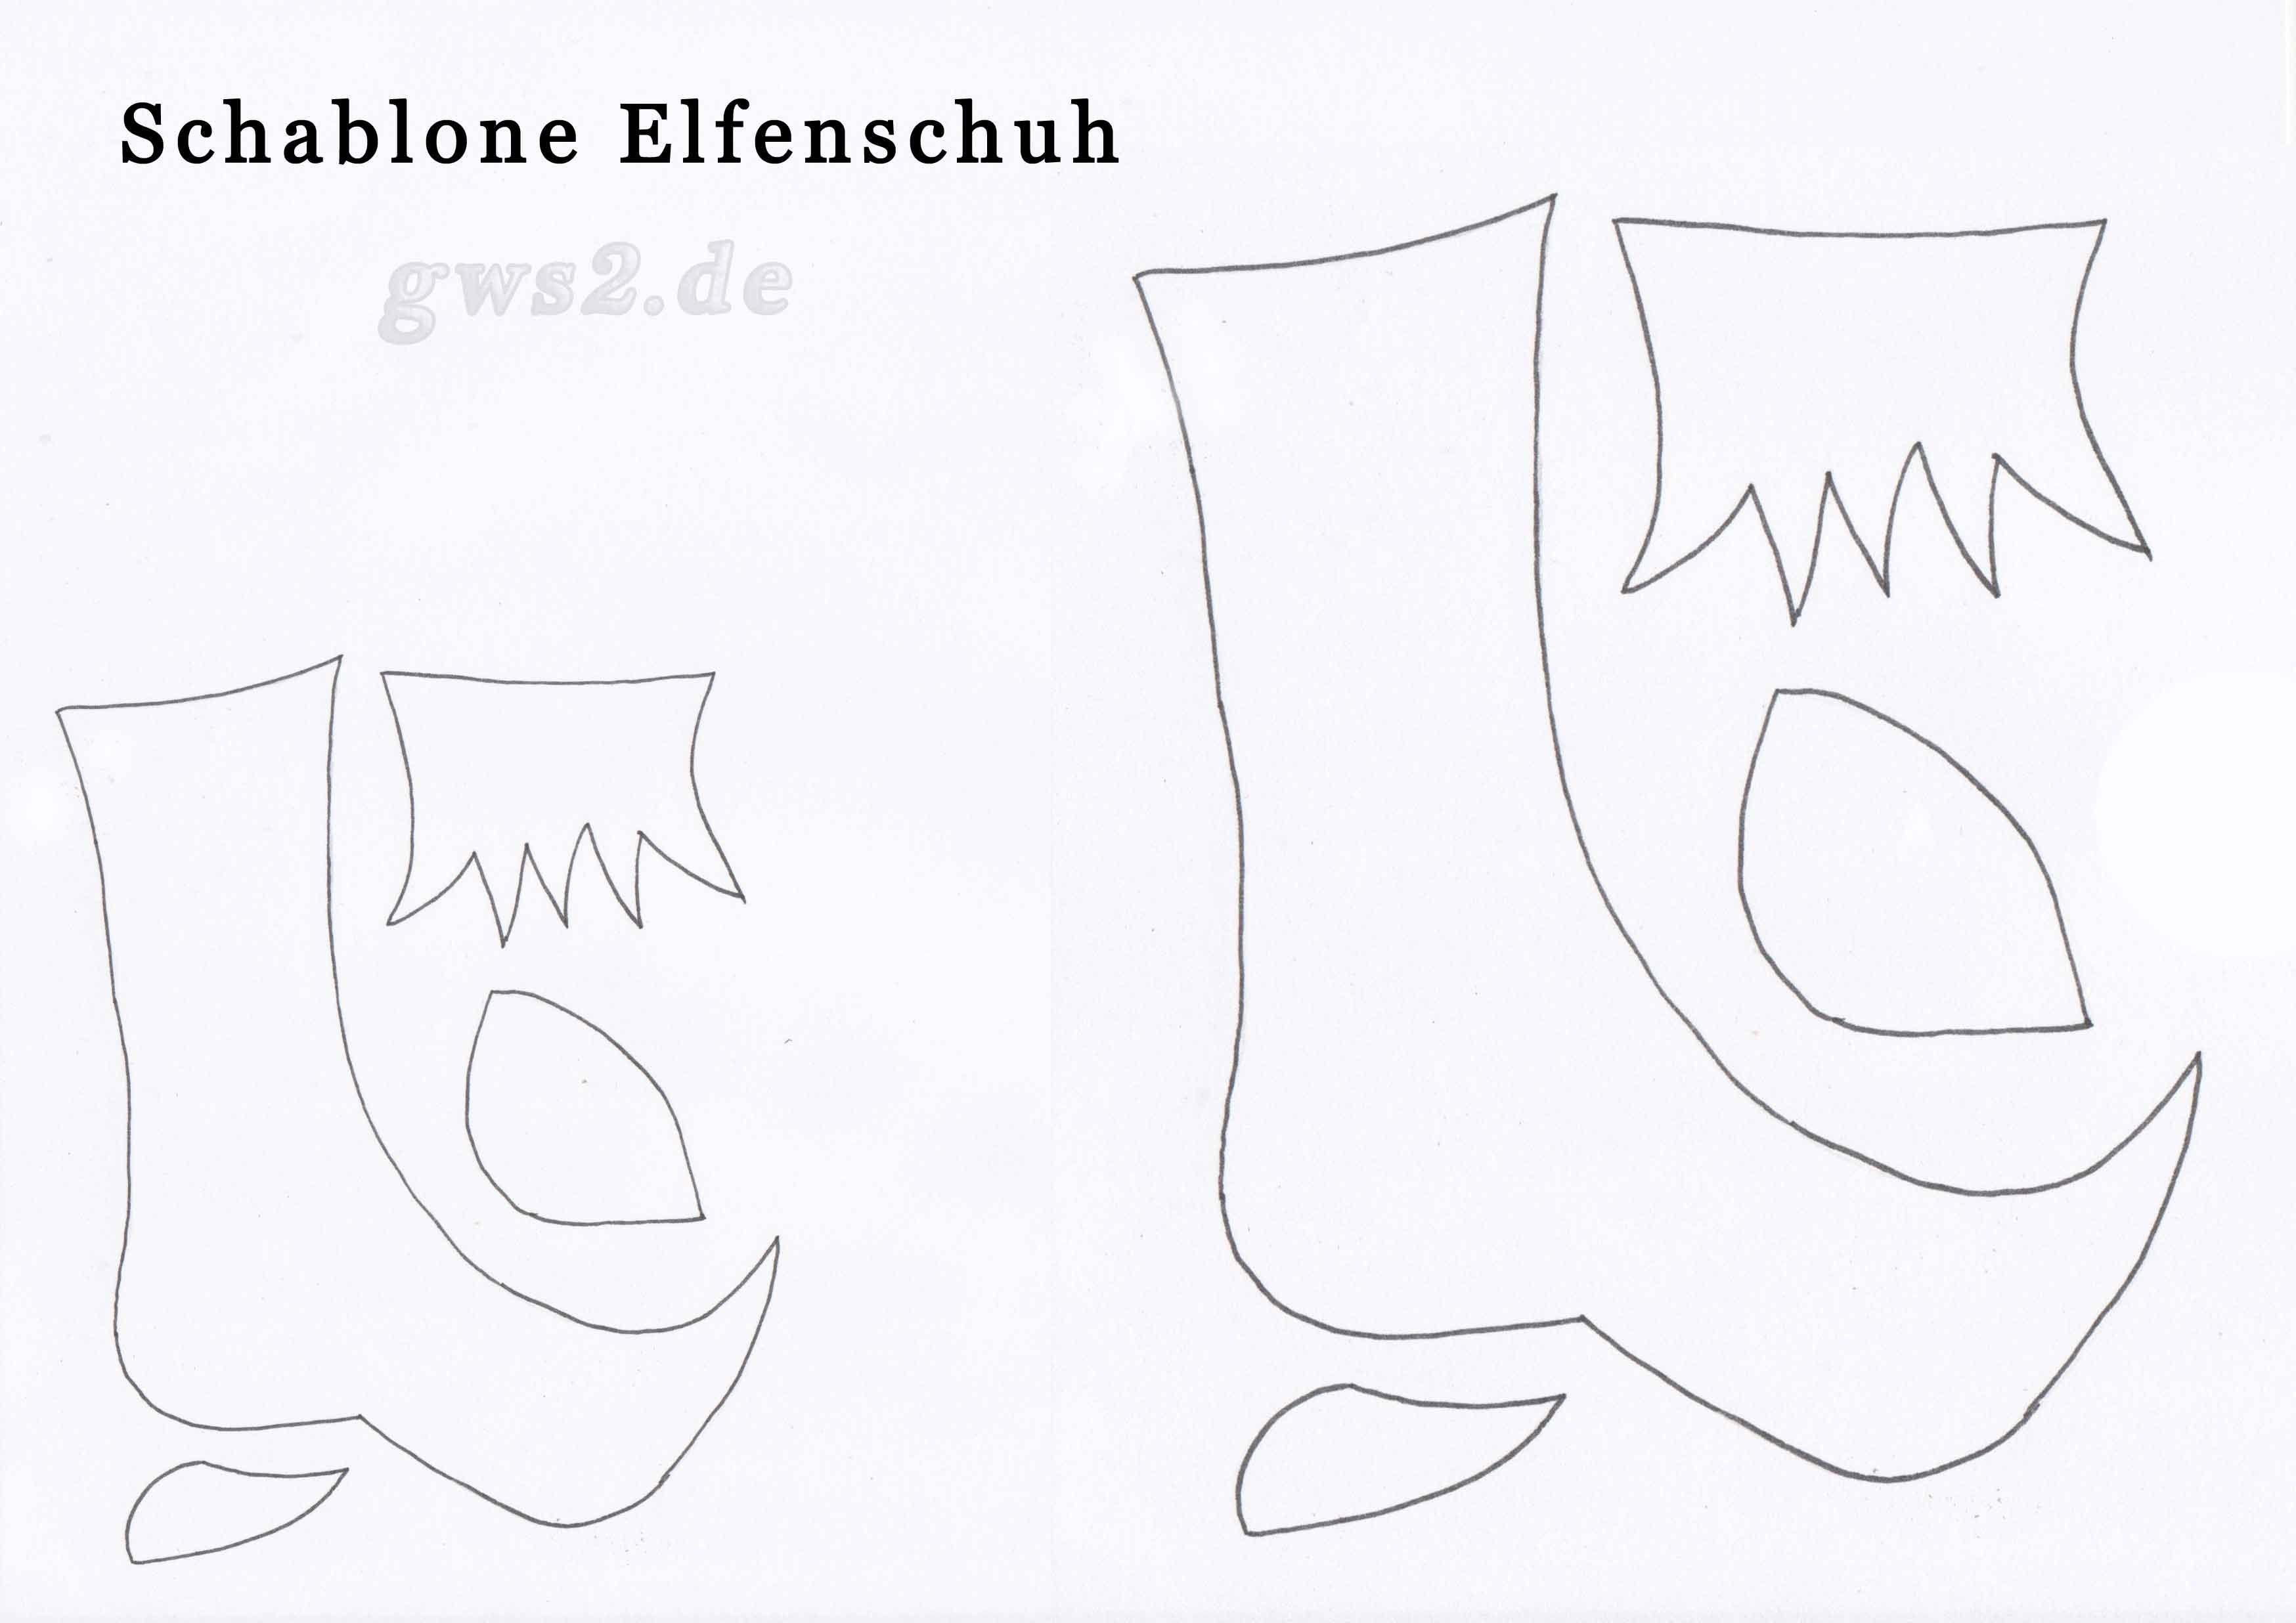 Bild von Bastelschablone von Elfenschuh